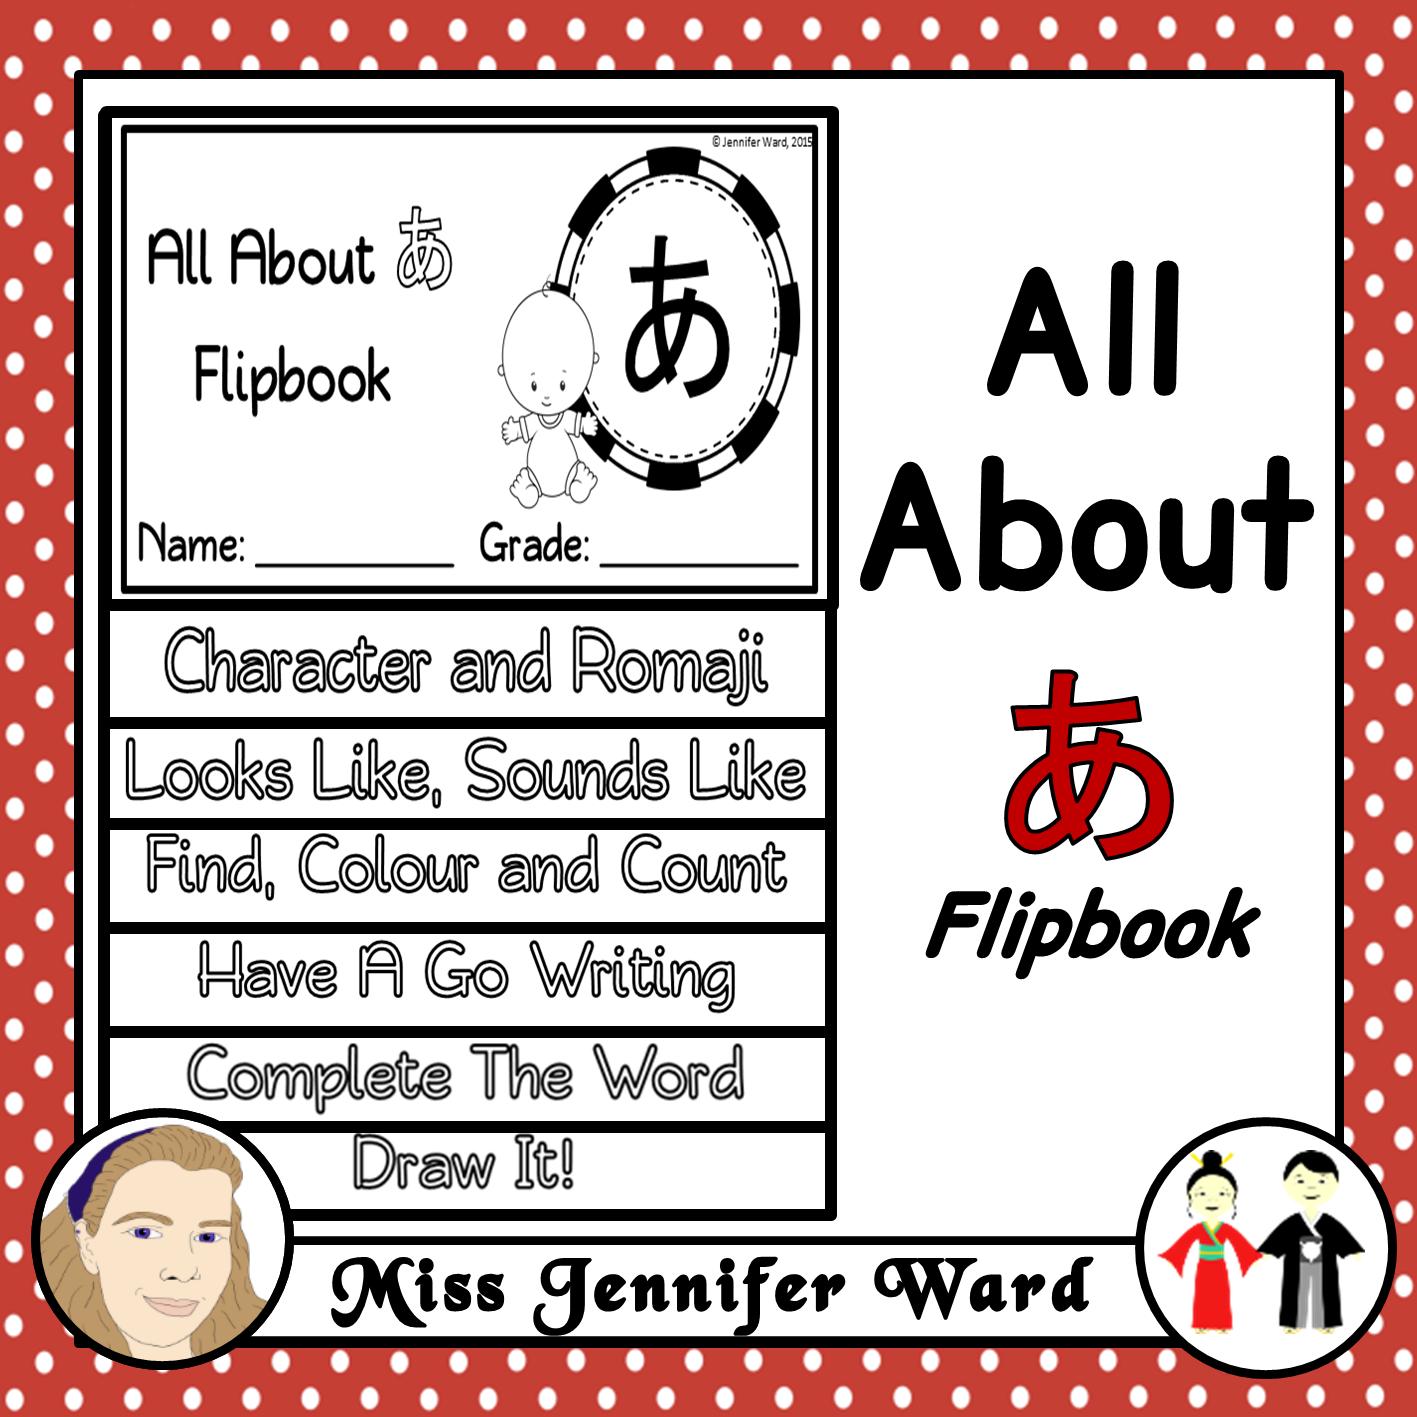 https://www.teacherspayteachers.com/Product/-A-Flipbook-2517229